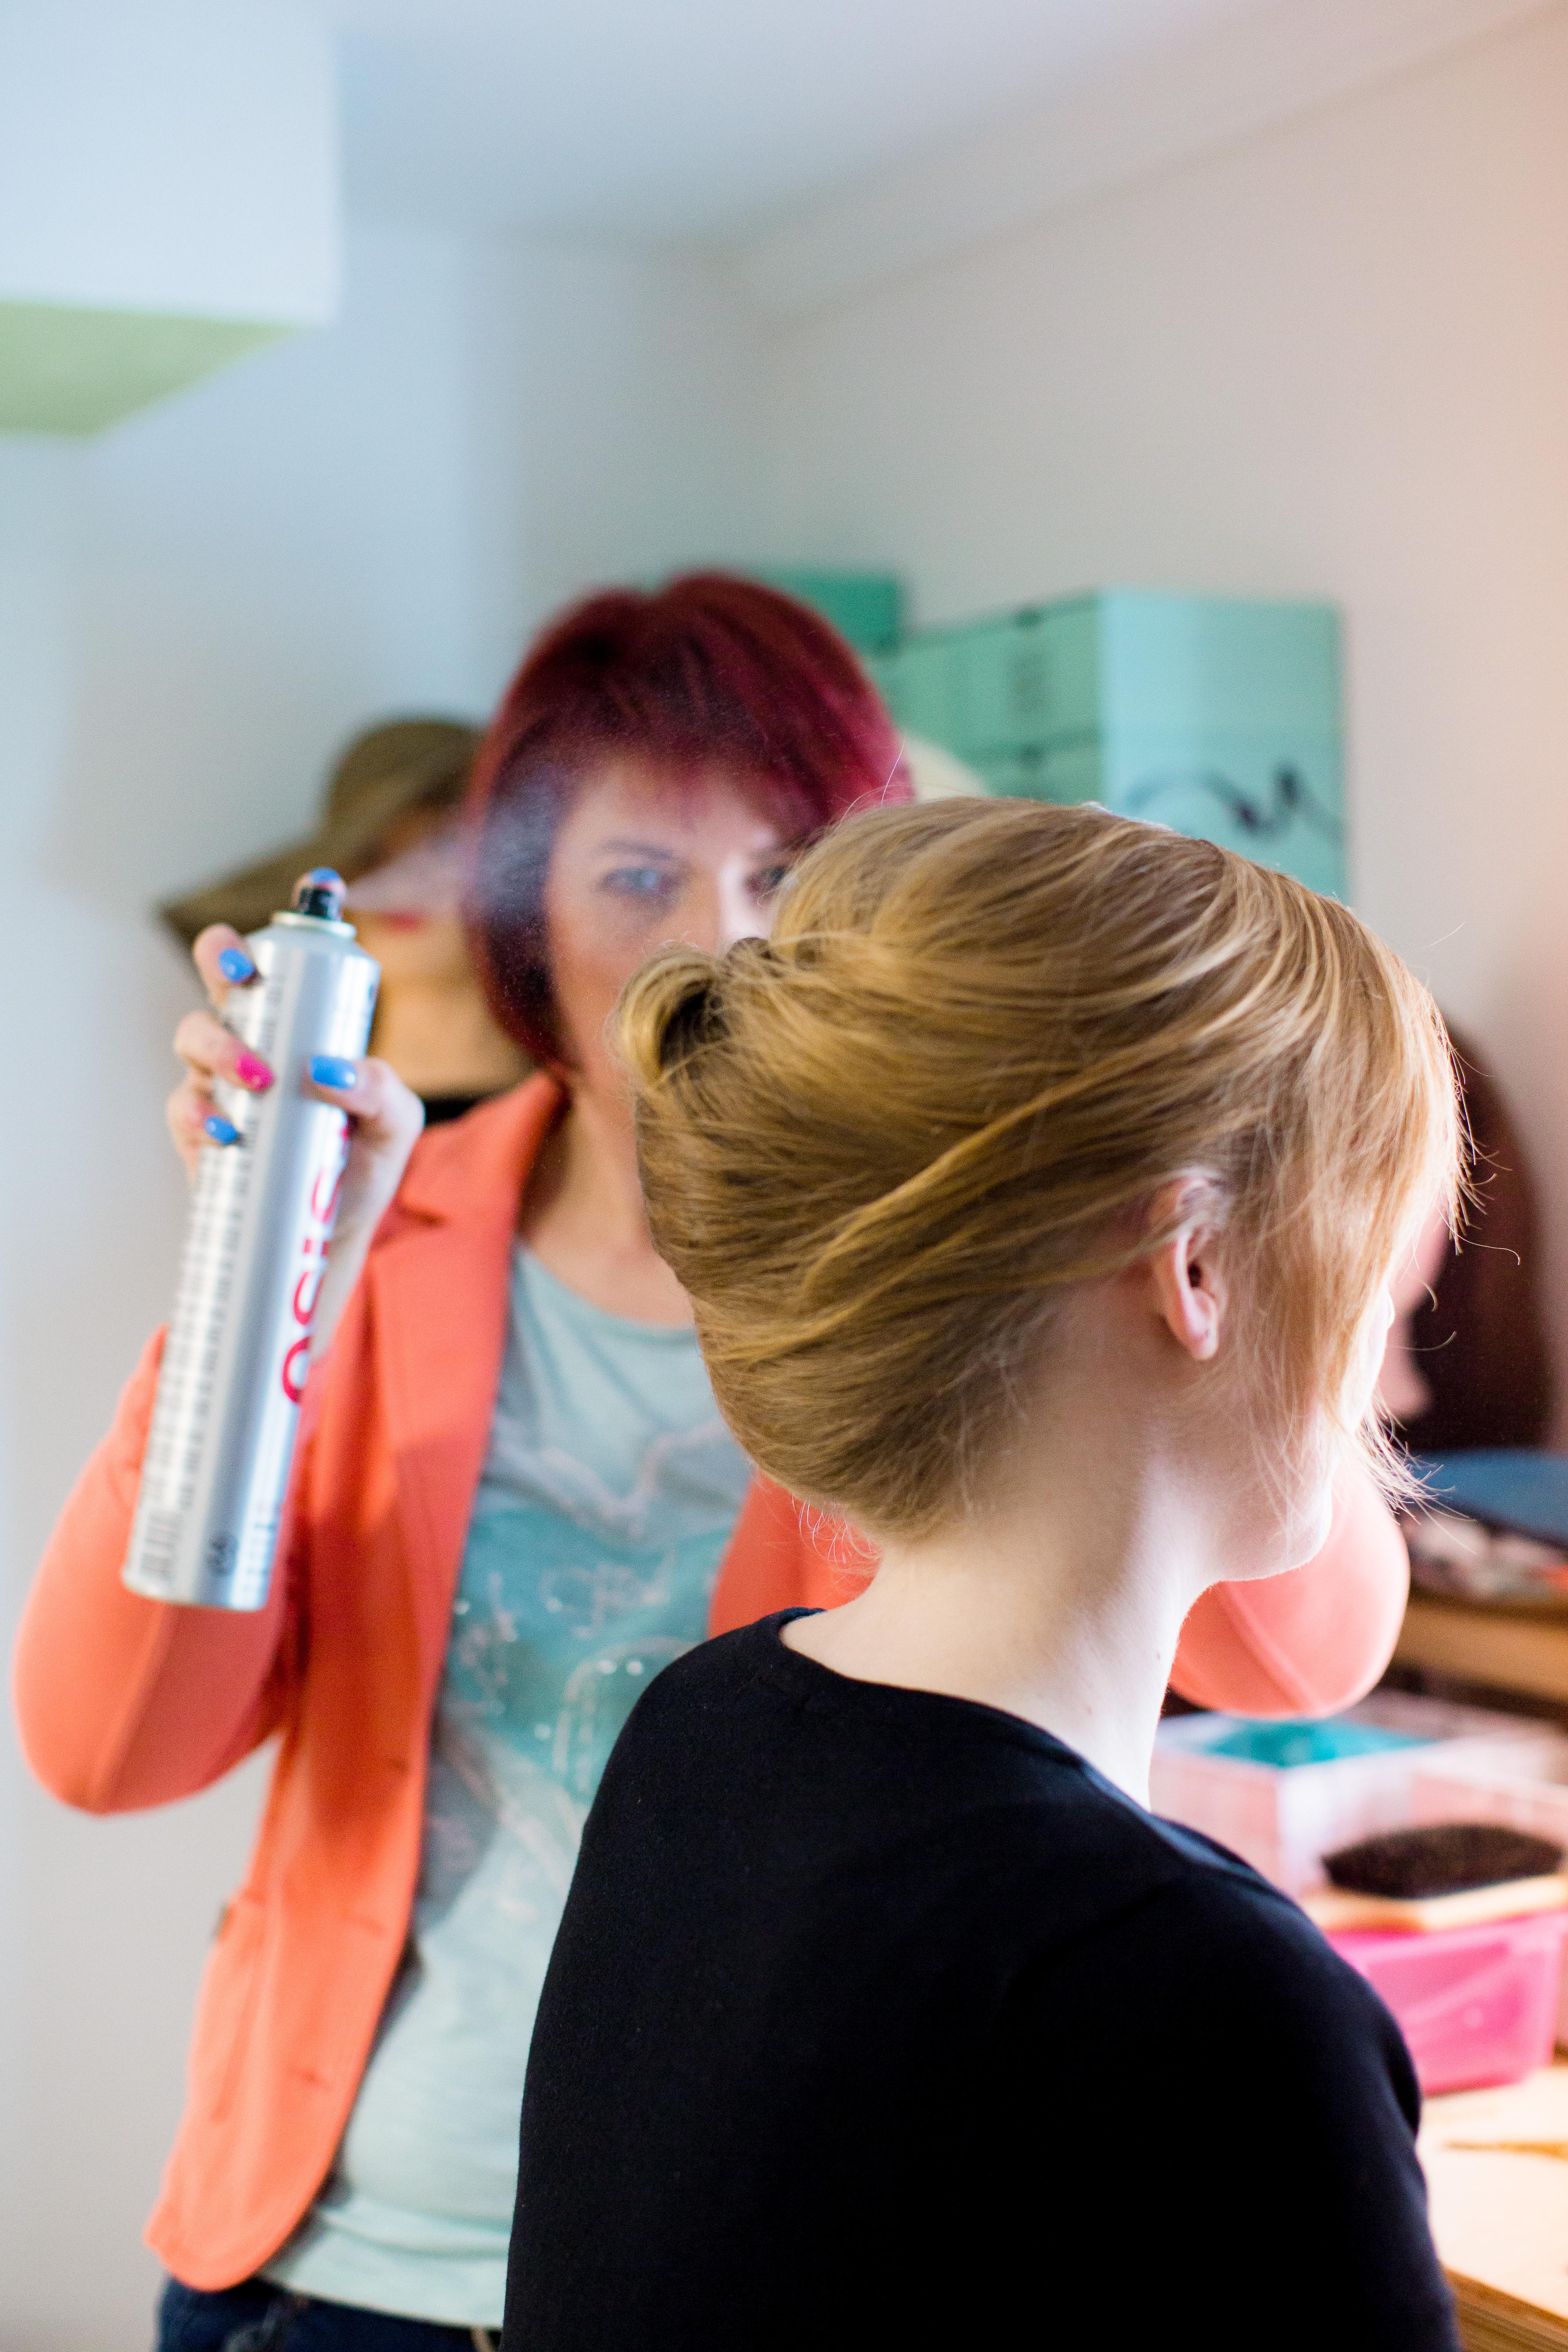 Hairstyling (hier klicken)